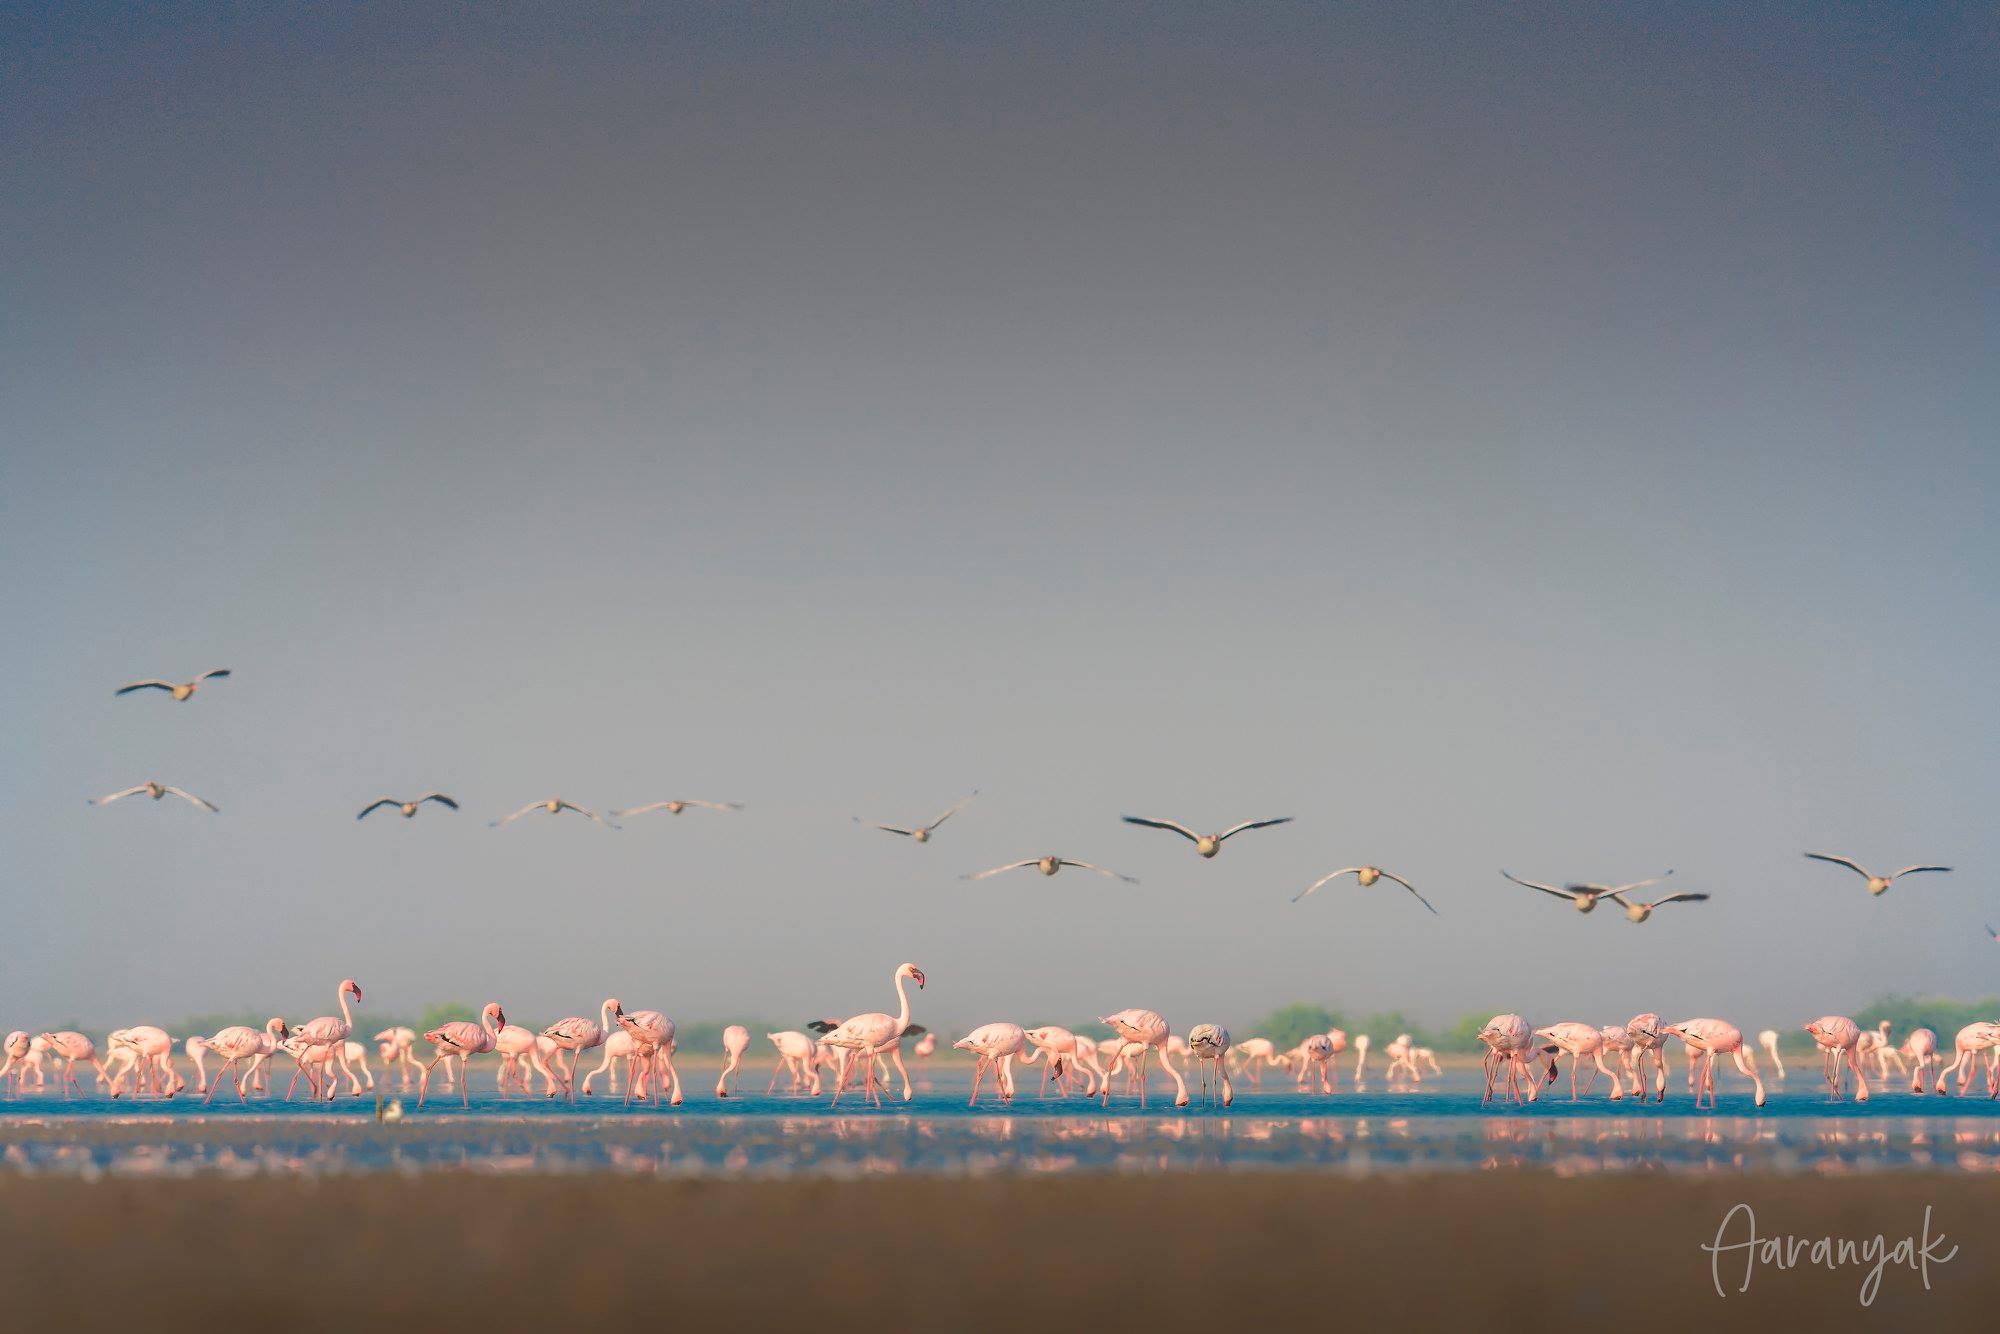 રામસર સાઈટ - વઢવાણા પક્ષી અભયારણ્યમાં વિવિધ જાતના વિદેશી પક્ષીઓનો મેળાવડો જામશે